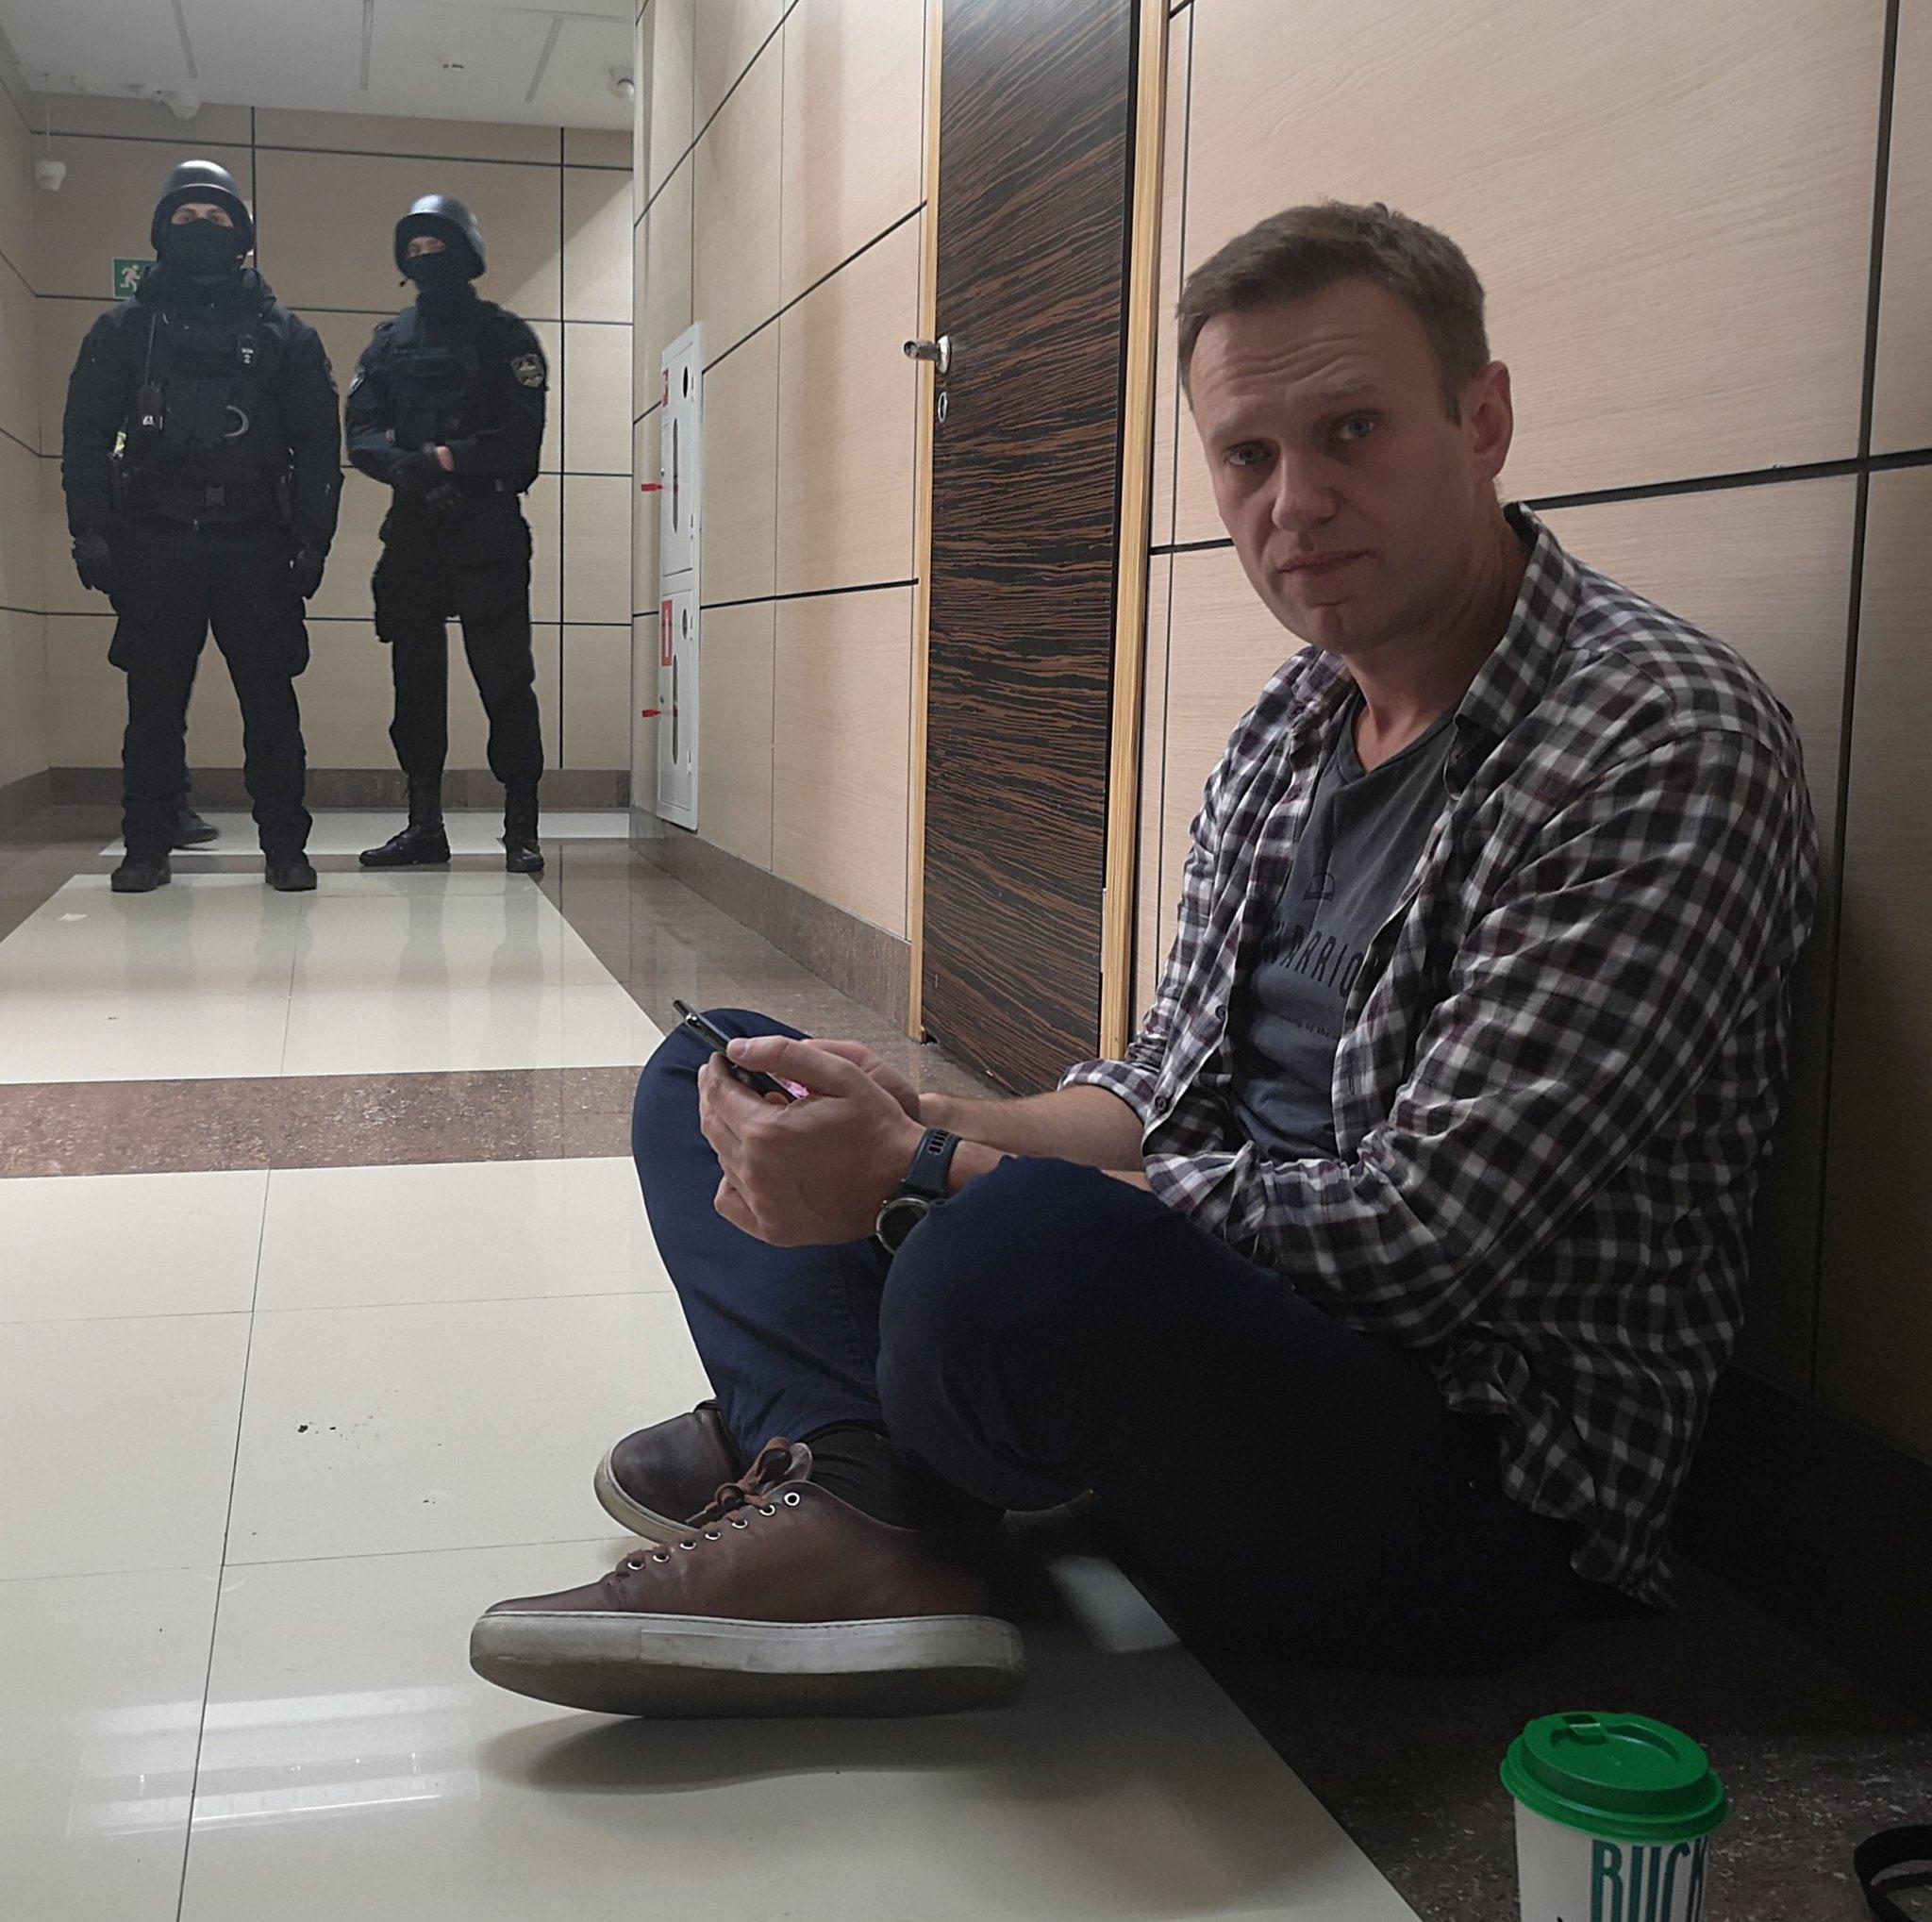 У ФБК забрали всю технику после обыска. Но Навальному вернули электронную книгу с «Ведьмаком»